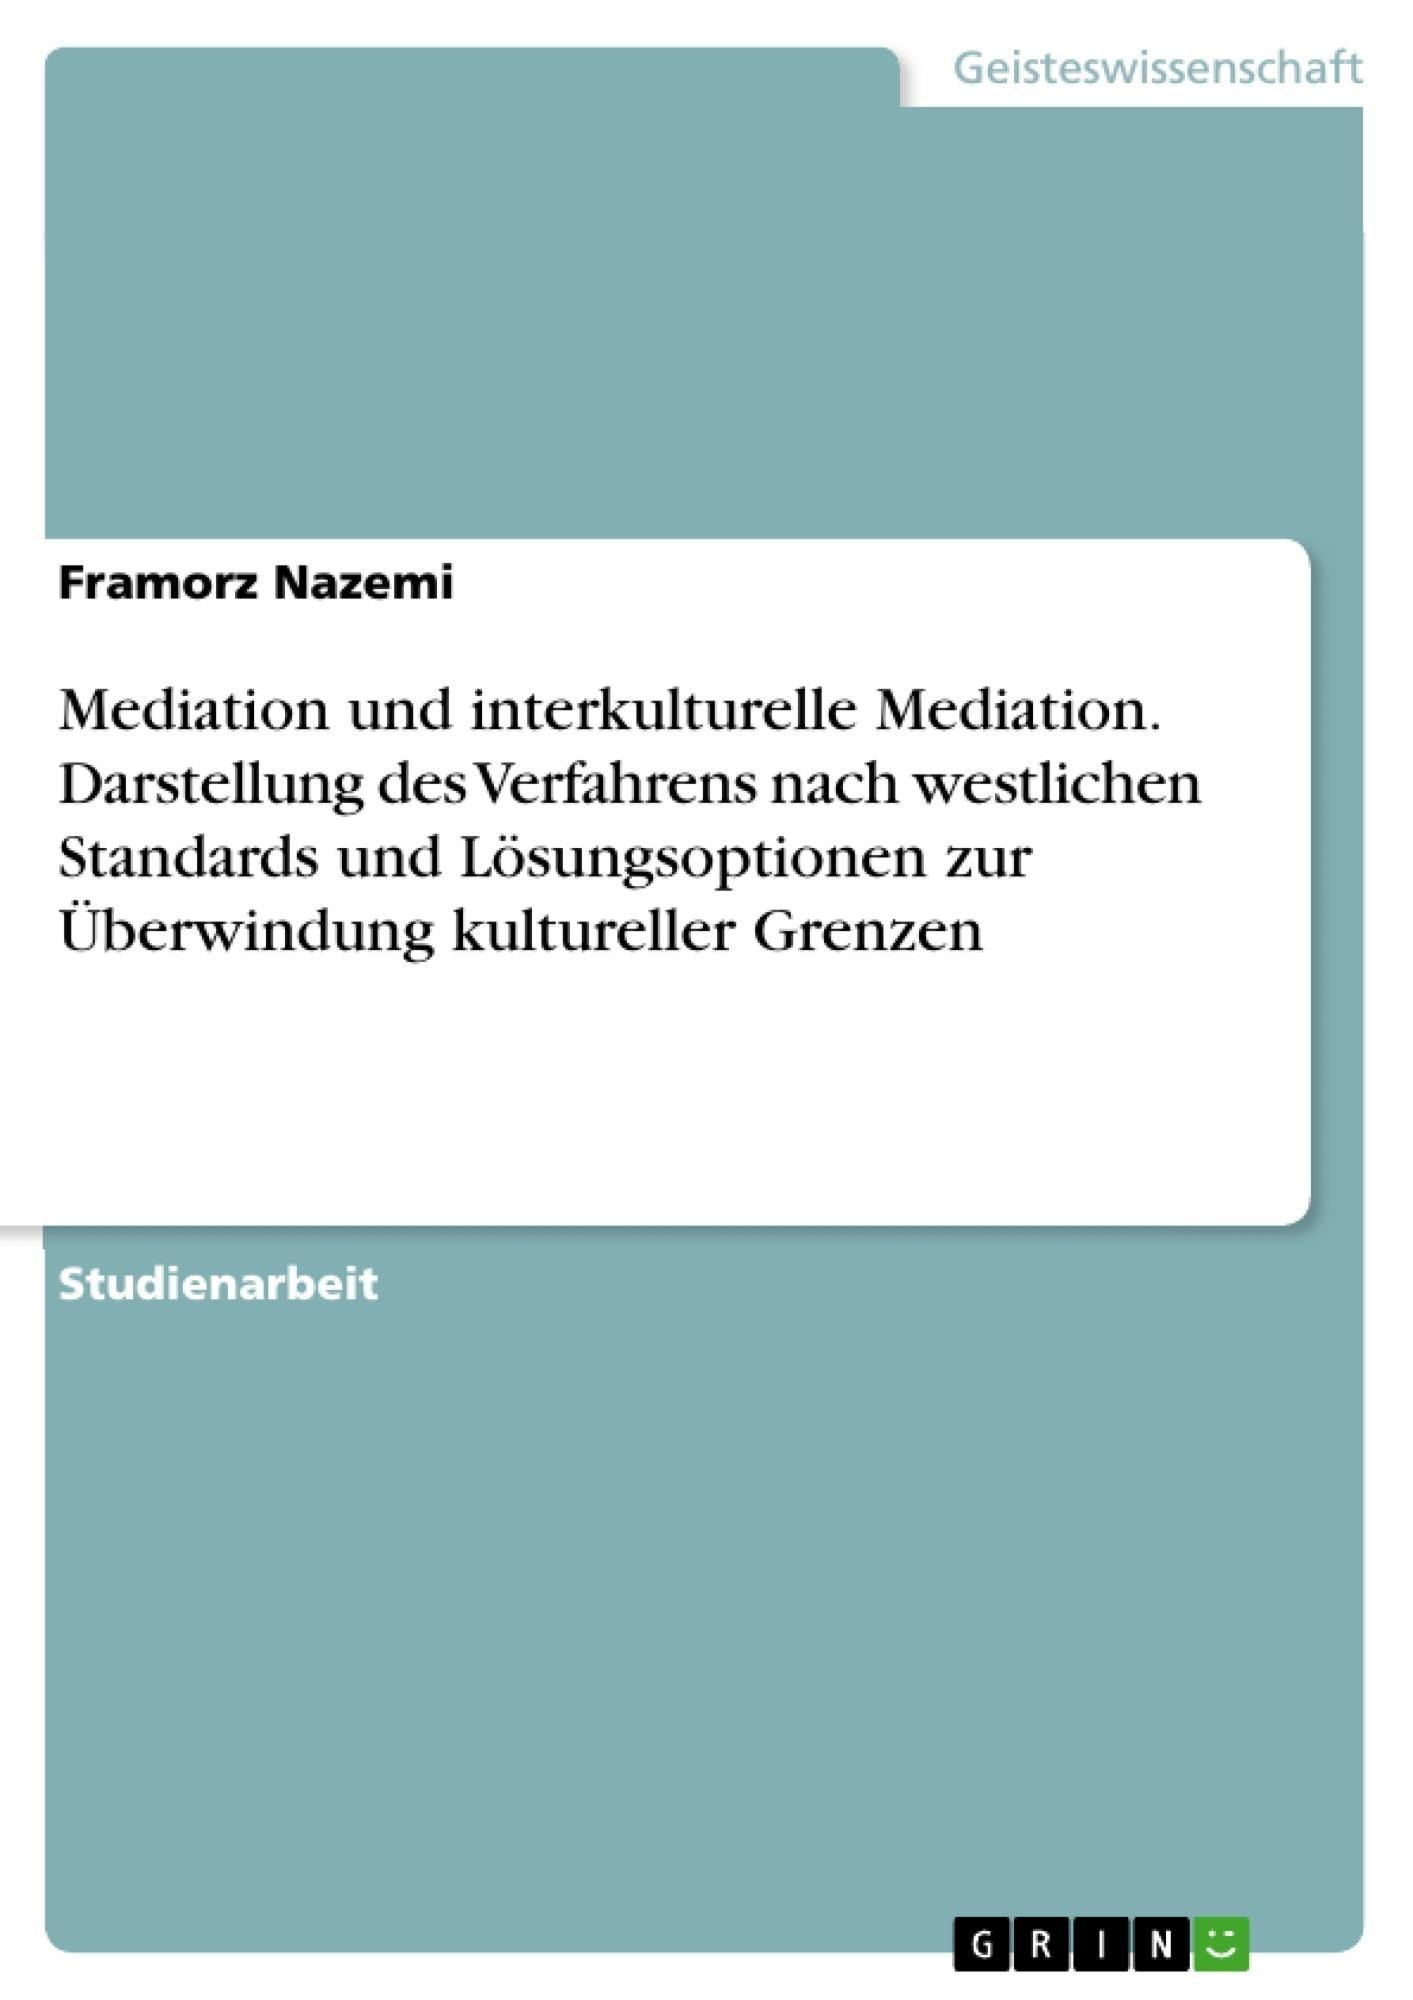 Titel: Mediation und interkulturelle Mediation. Darstellung des Verfahrens nach westlichen Standards und Lösungsoptionen zur Überwindung kultureller Grenzen